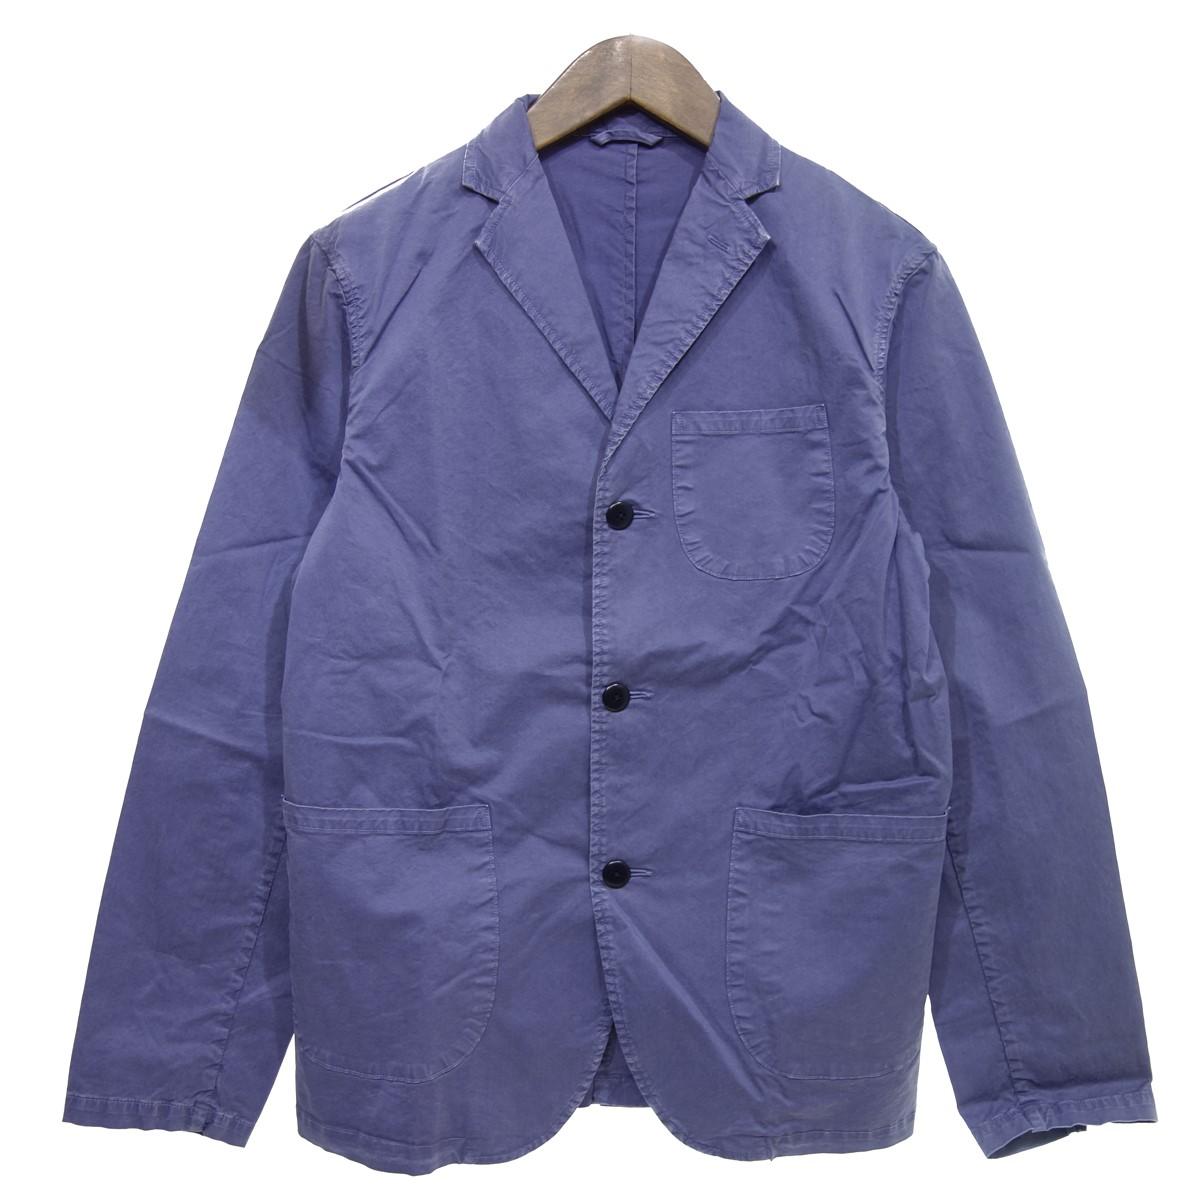 【中古】KAPITAL 3Bジャケット パープル サイズ:L 【260320】(キャピタル)